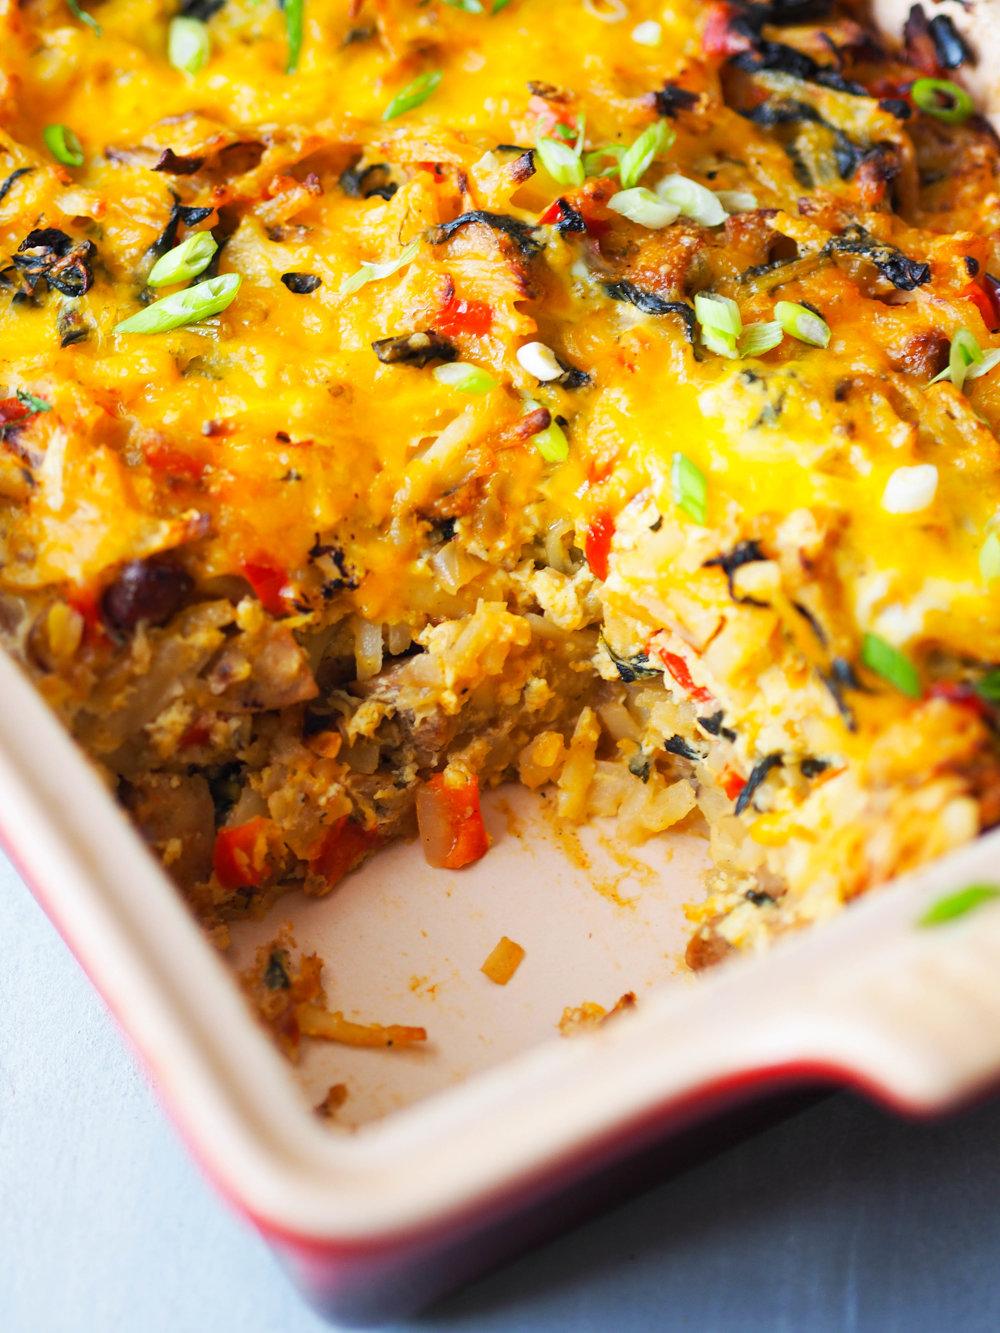 hash-brown-breakfast-casserole-peppers-kale-8.jpg